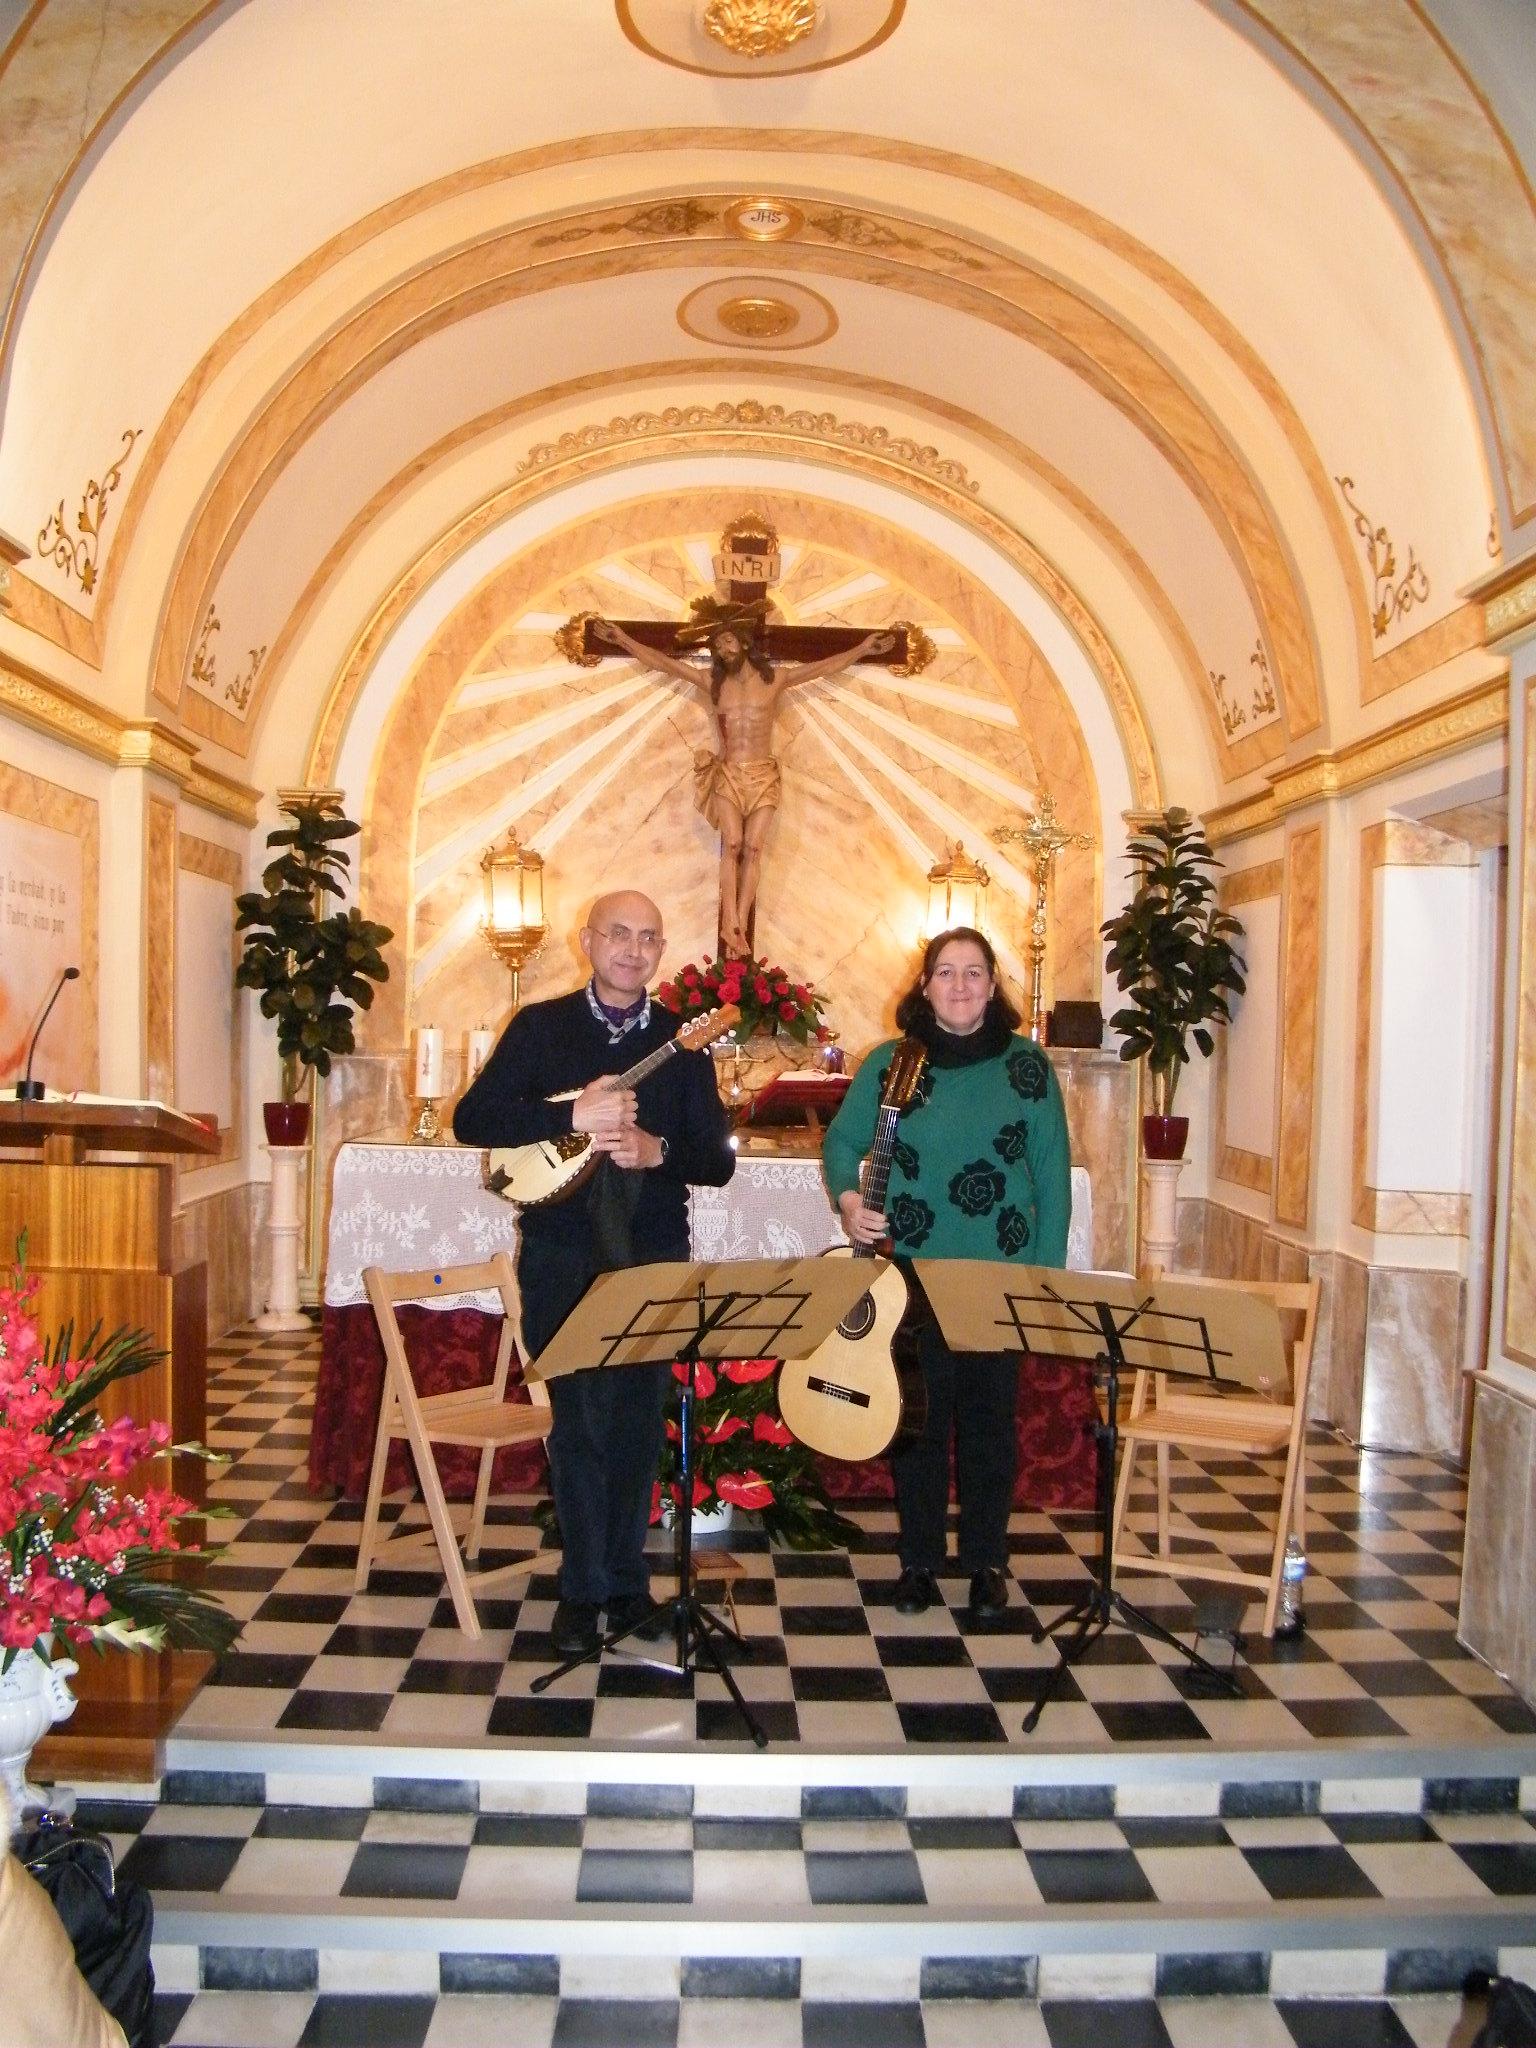 ElCristo - Actos - Actuación Musical Solidaria - Grupo Madrigal - (2016-01-29) - Gabriel Segura (14)